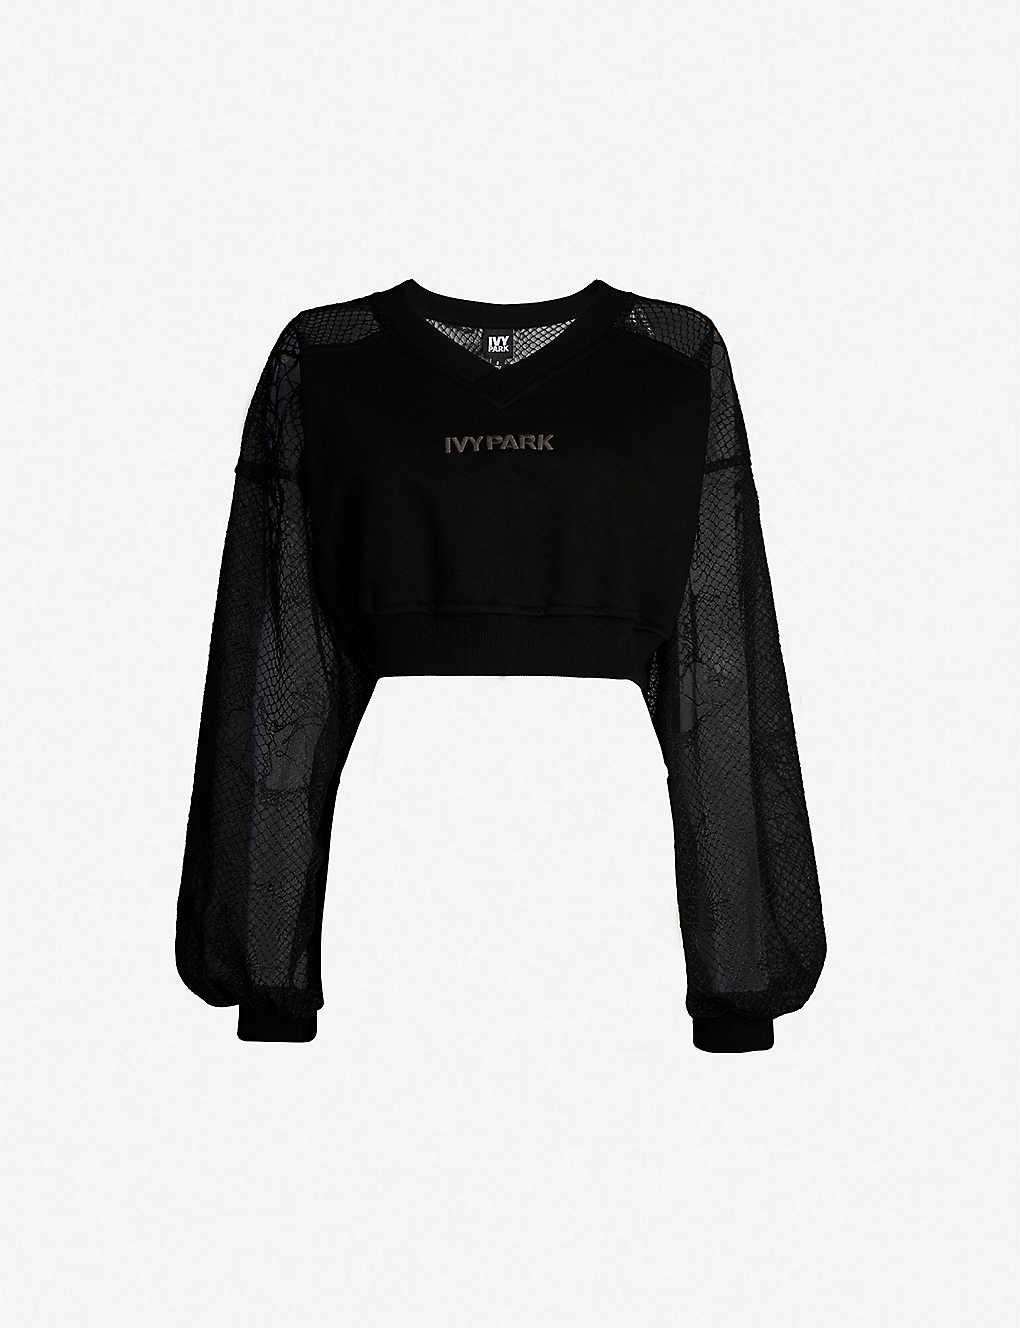 cf0d26d075c IVY PARK - Lace-detail jersey and mesh crop top | Selfridges.com